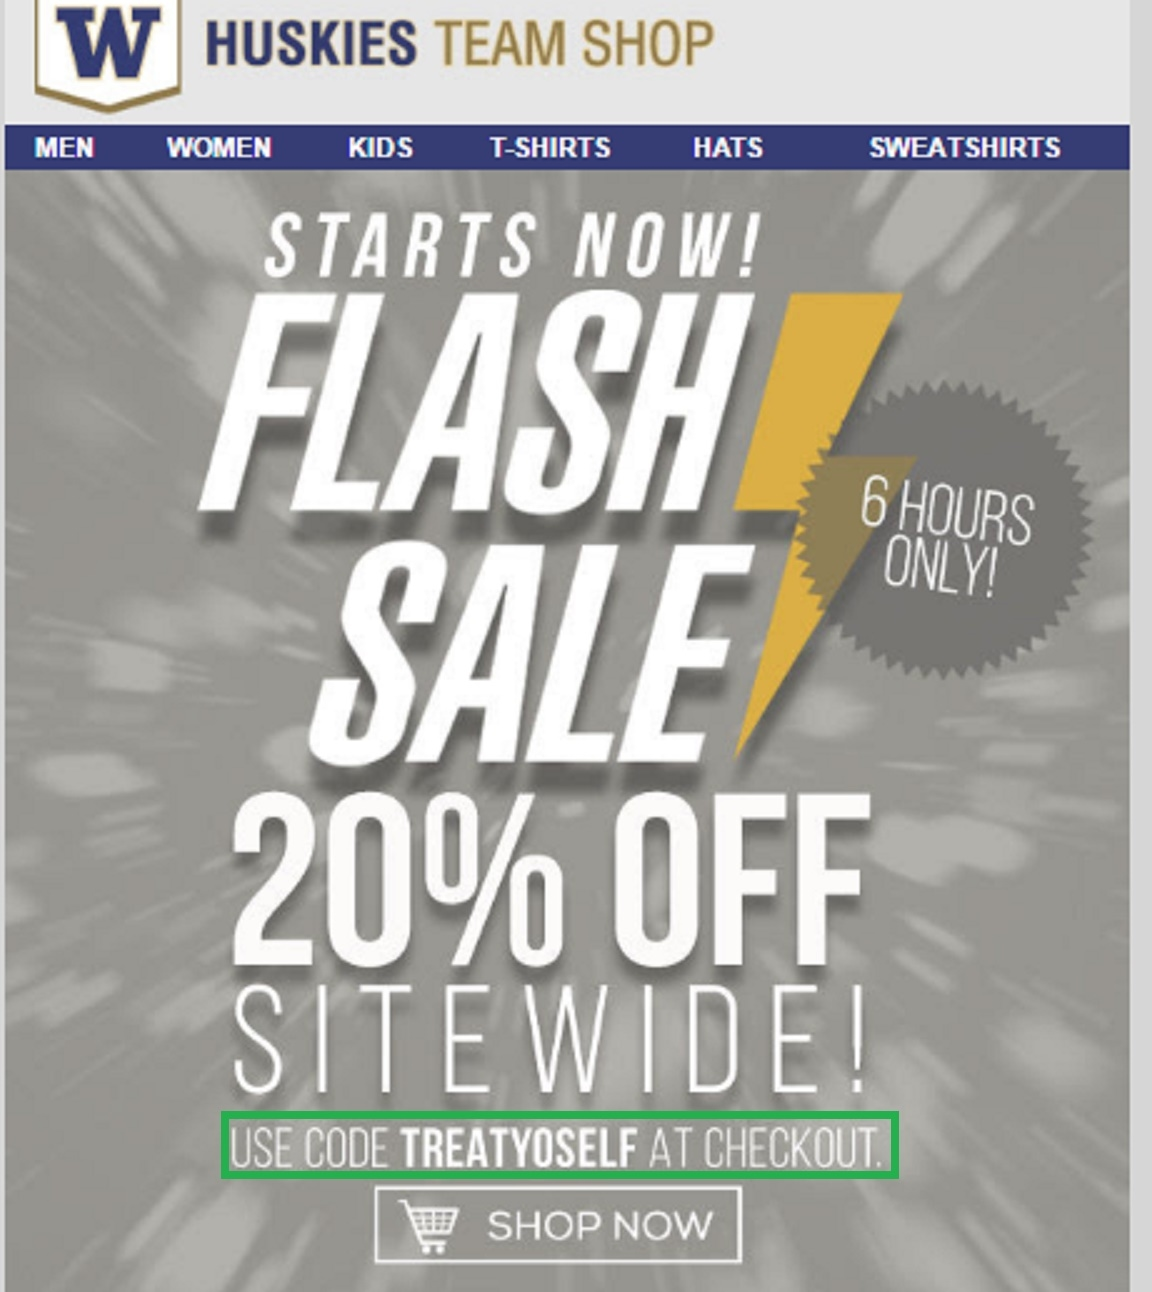 Wwe shop coupon code $20 off